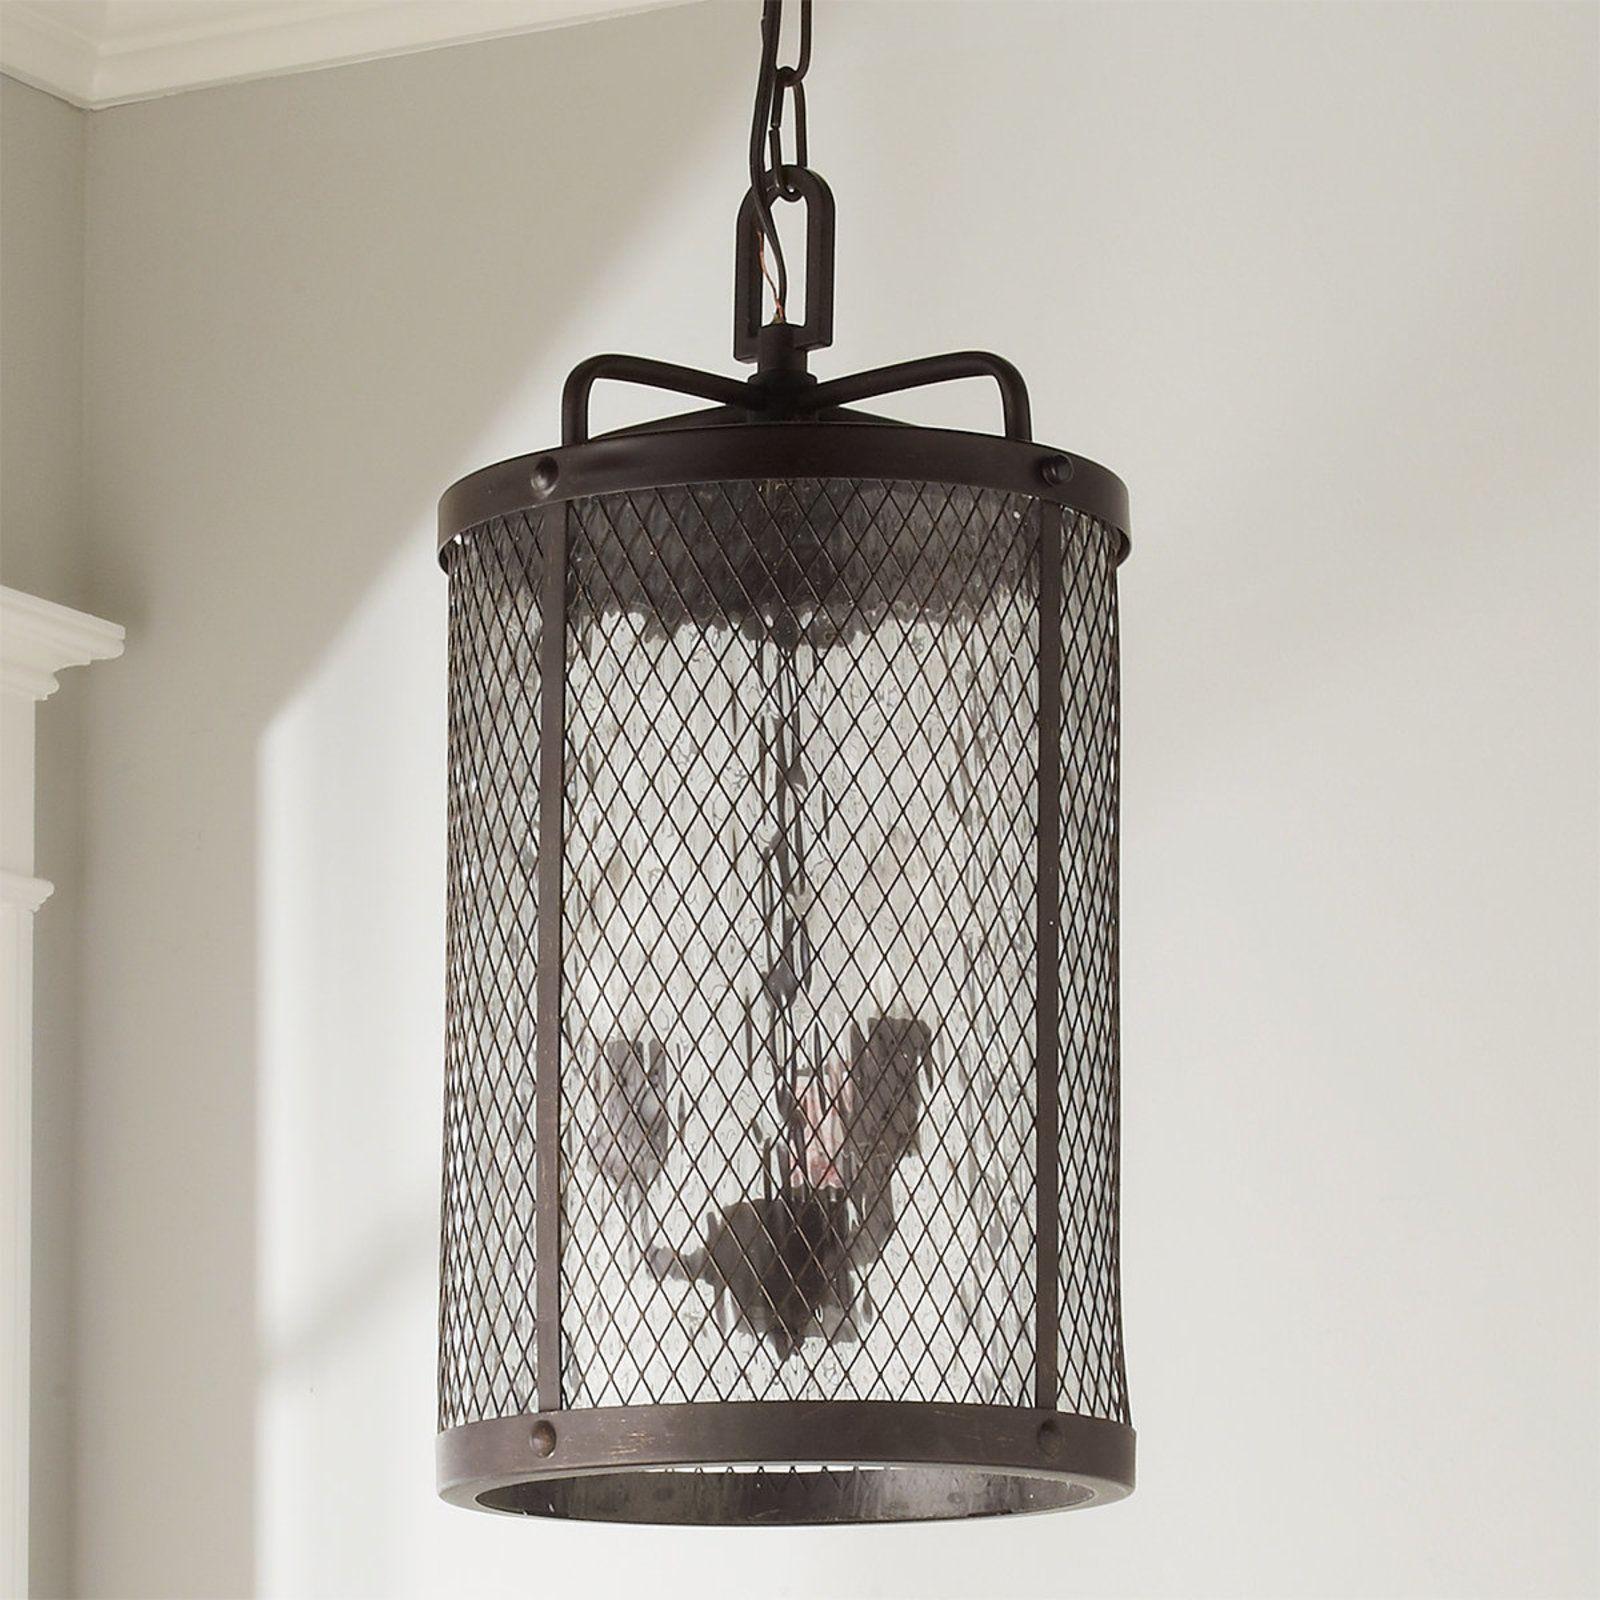 Mesh Cylinder Outdoor Hanging Lantern | Outdoor hanging lanterns ...